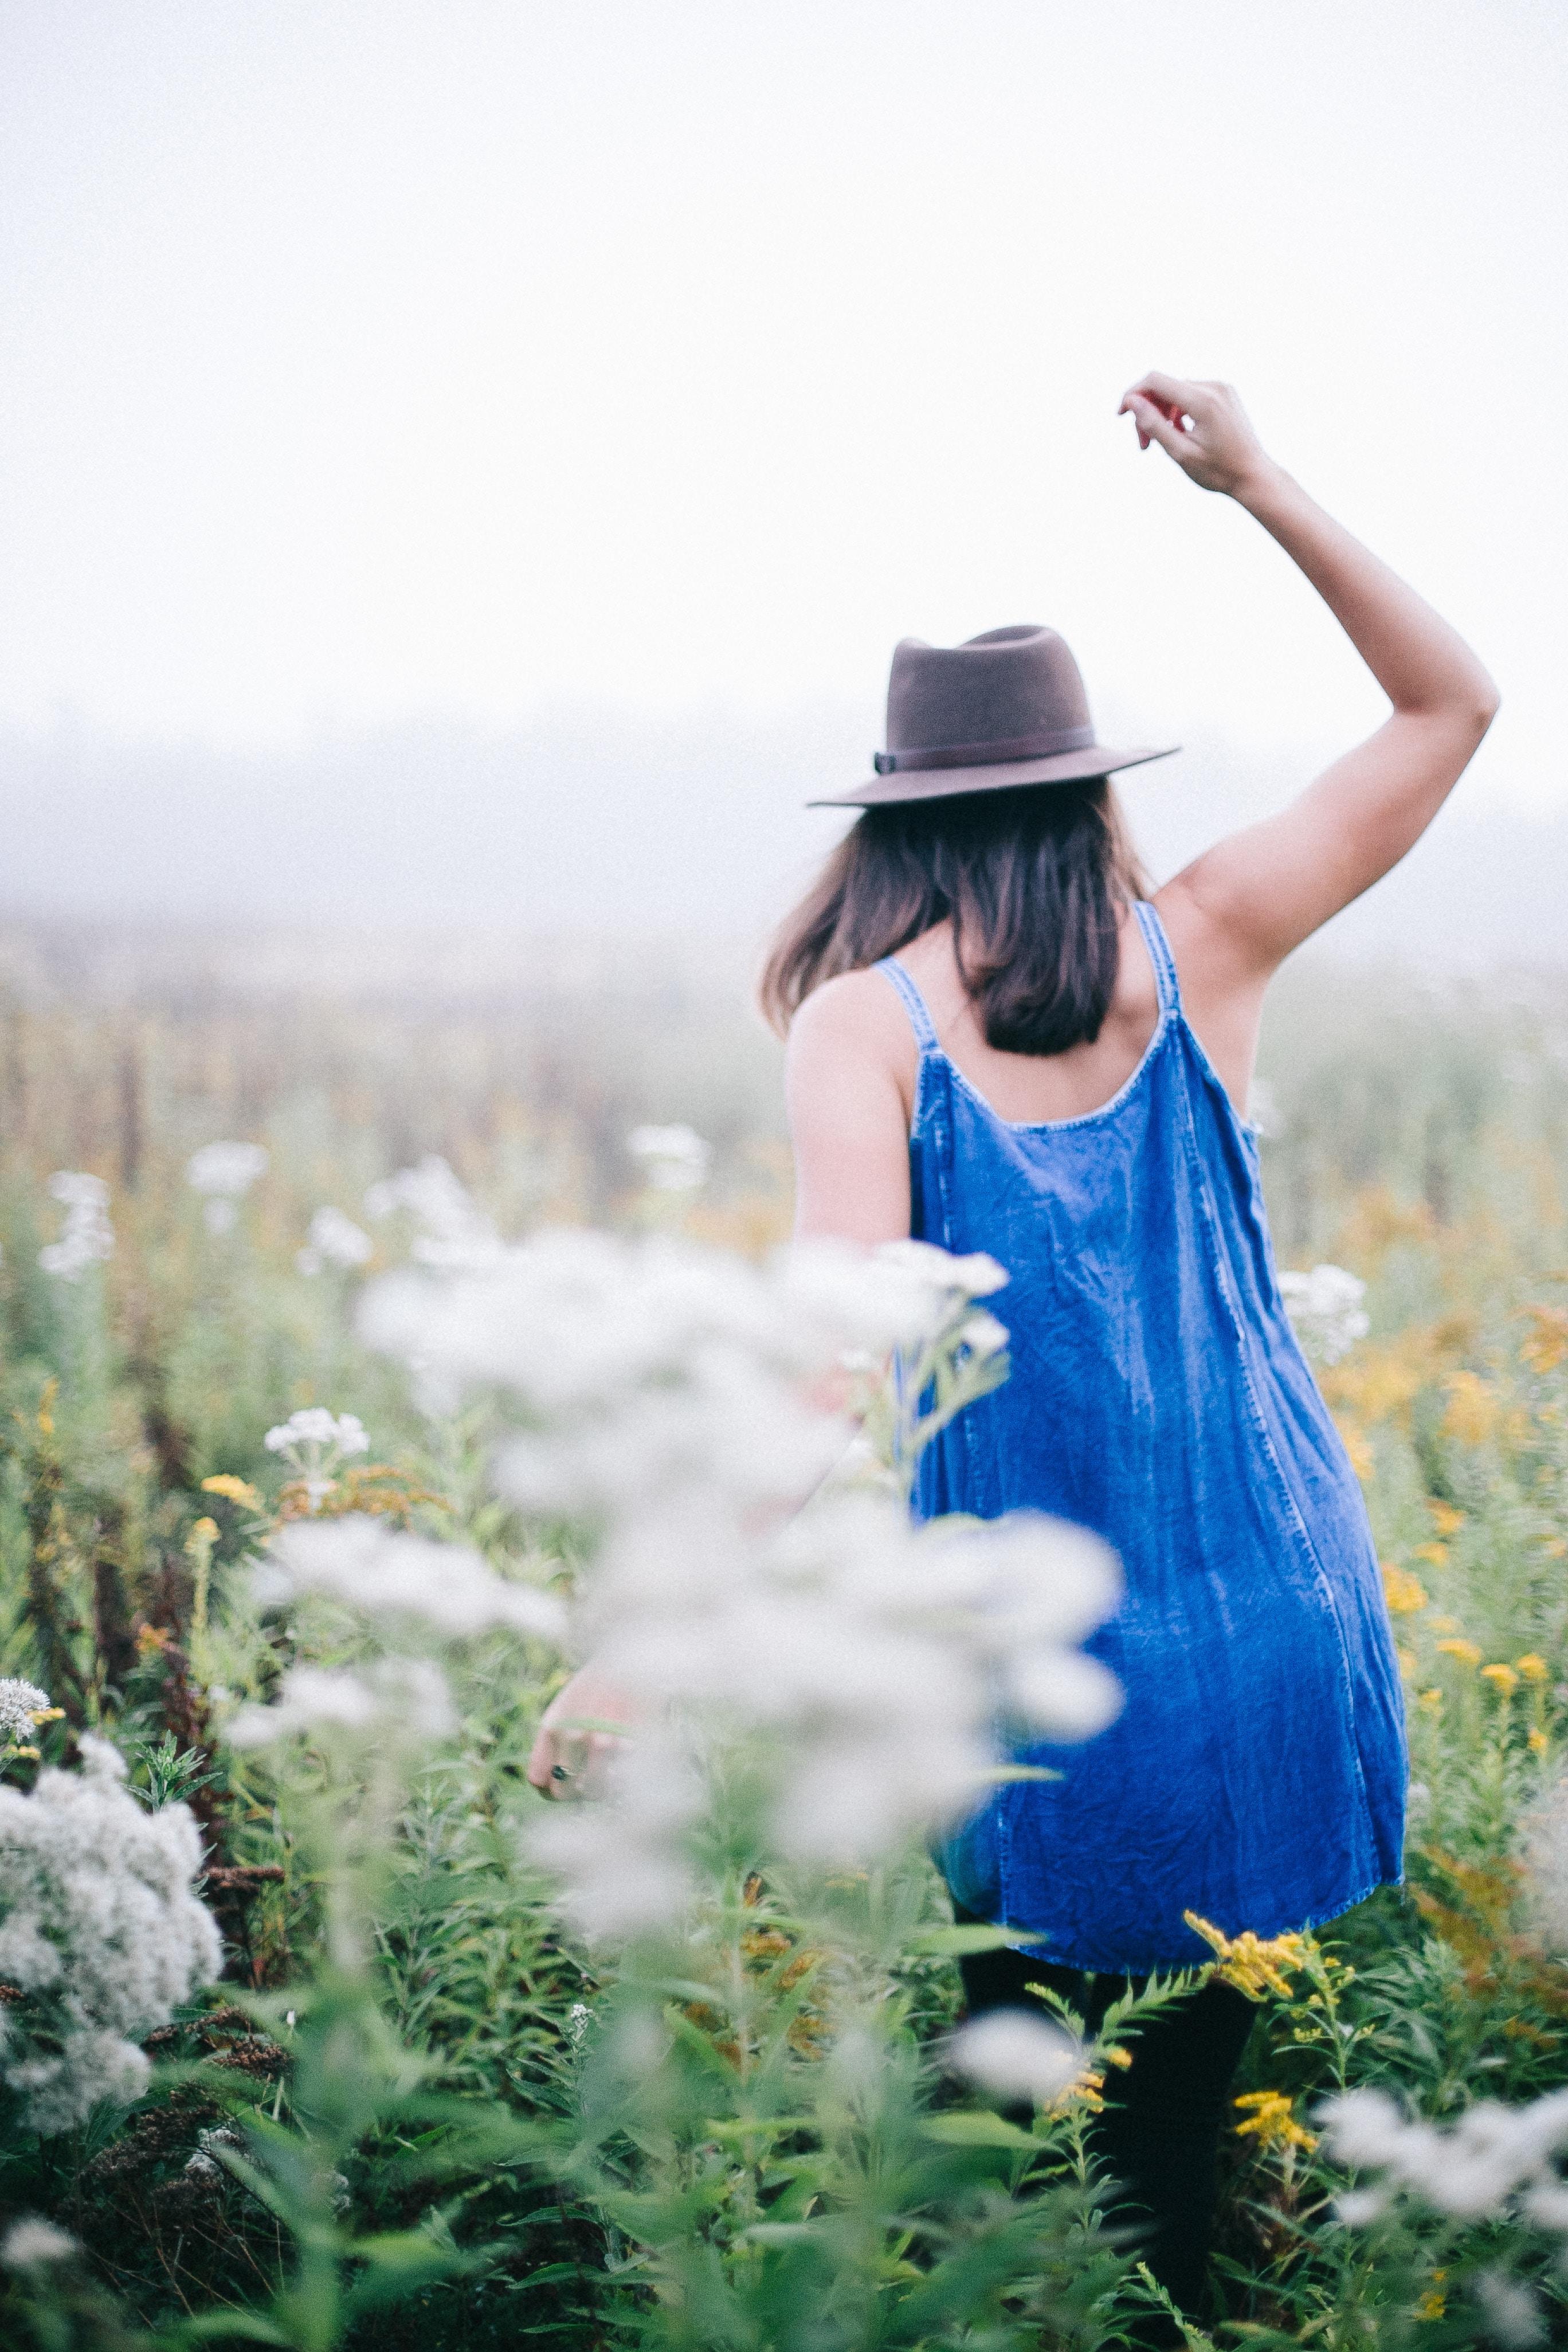 Chỉ khi là chính mình, bạn mới cảm thấy hạnh phúc đang gọi tên